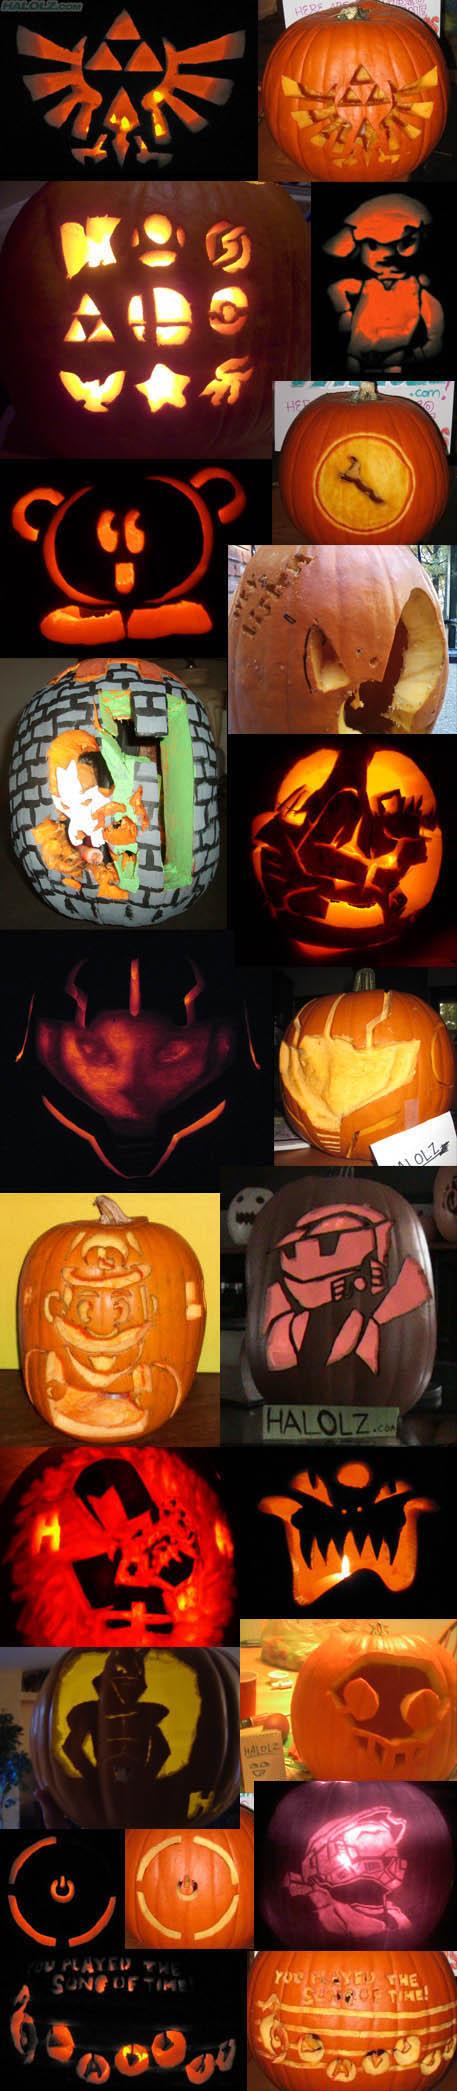 Haloween 2008 Pumpkin Extravaganza!